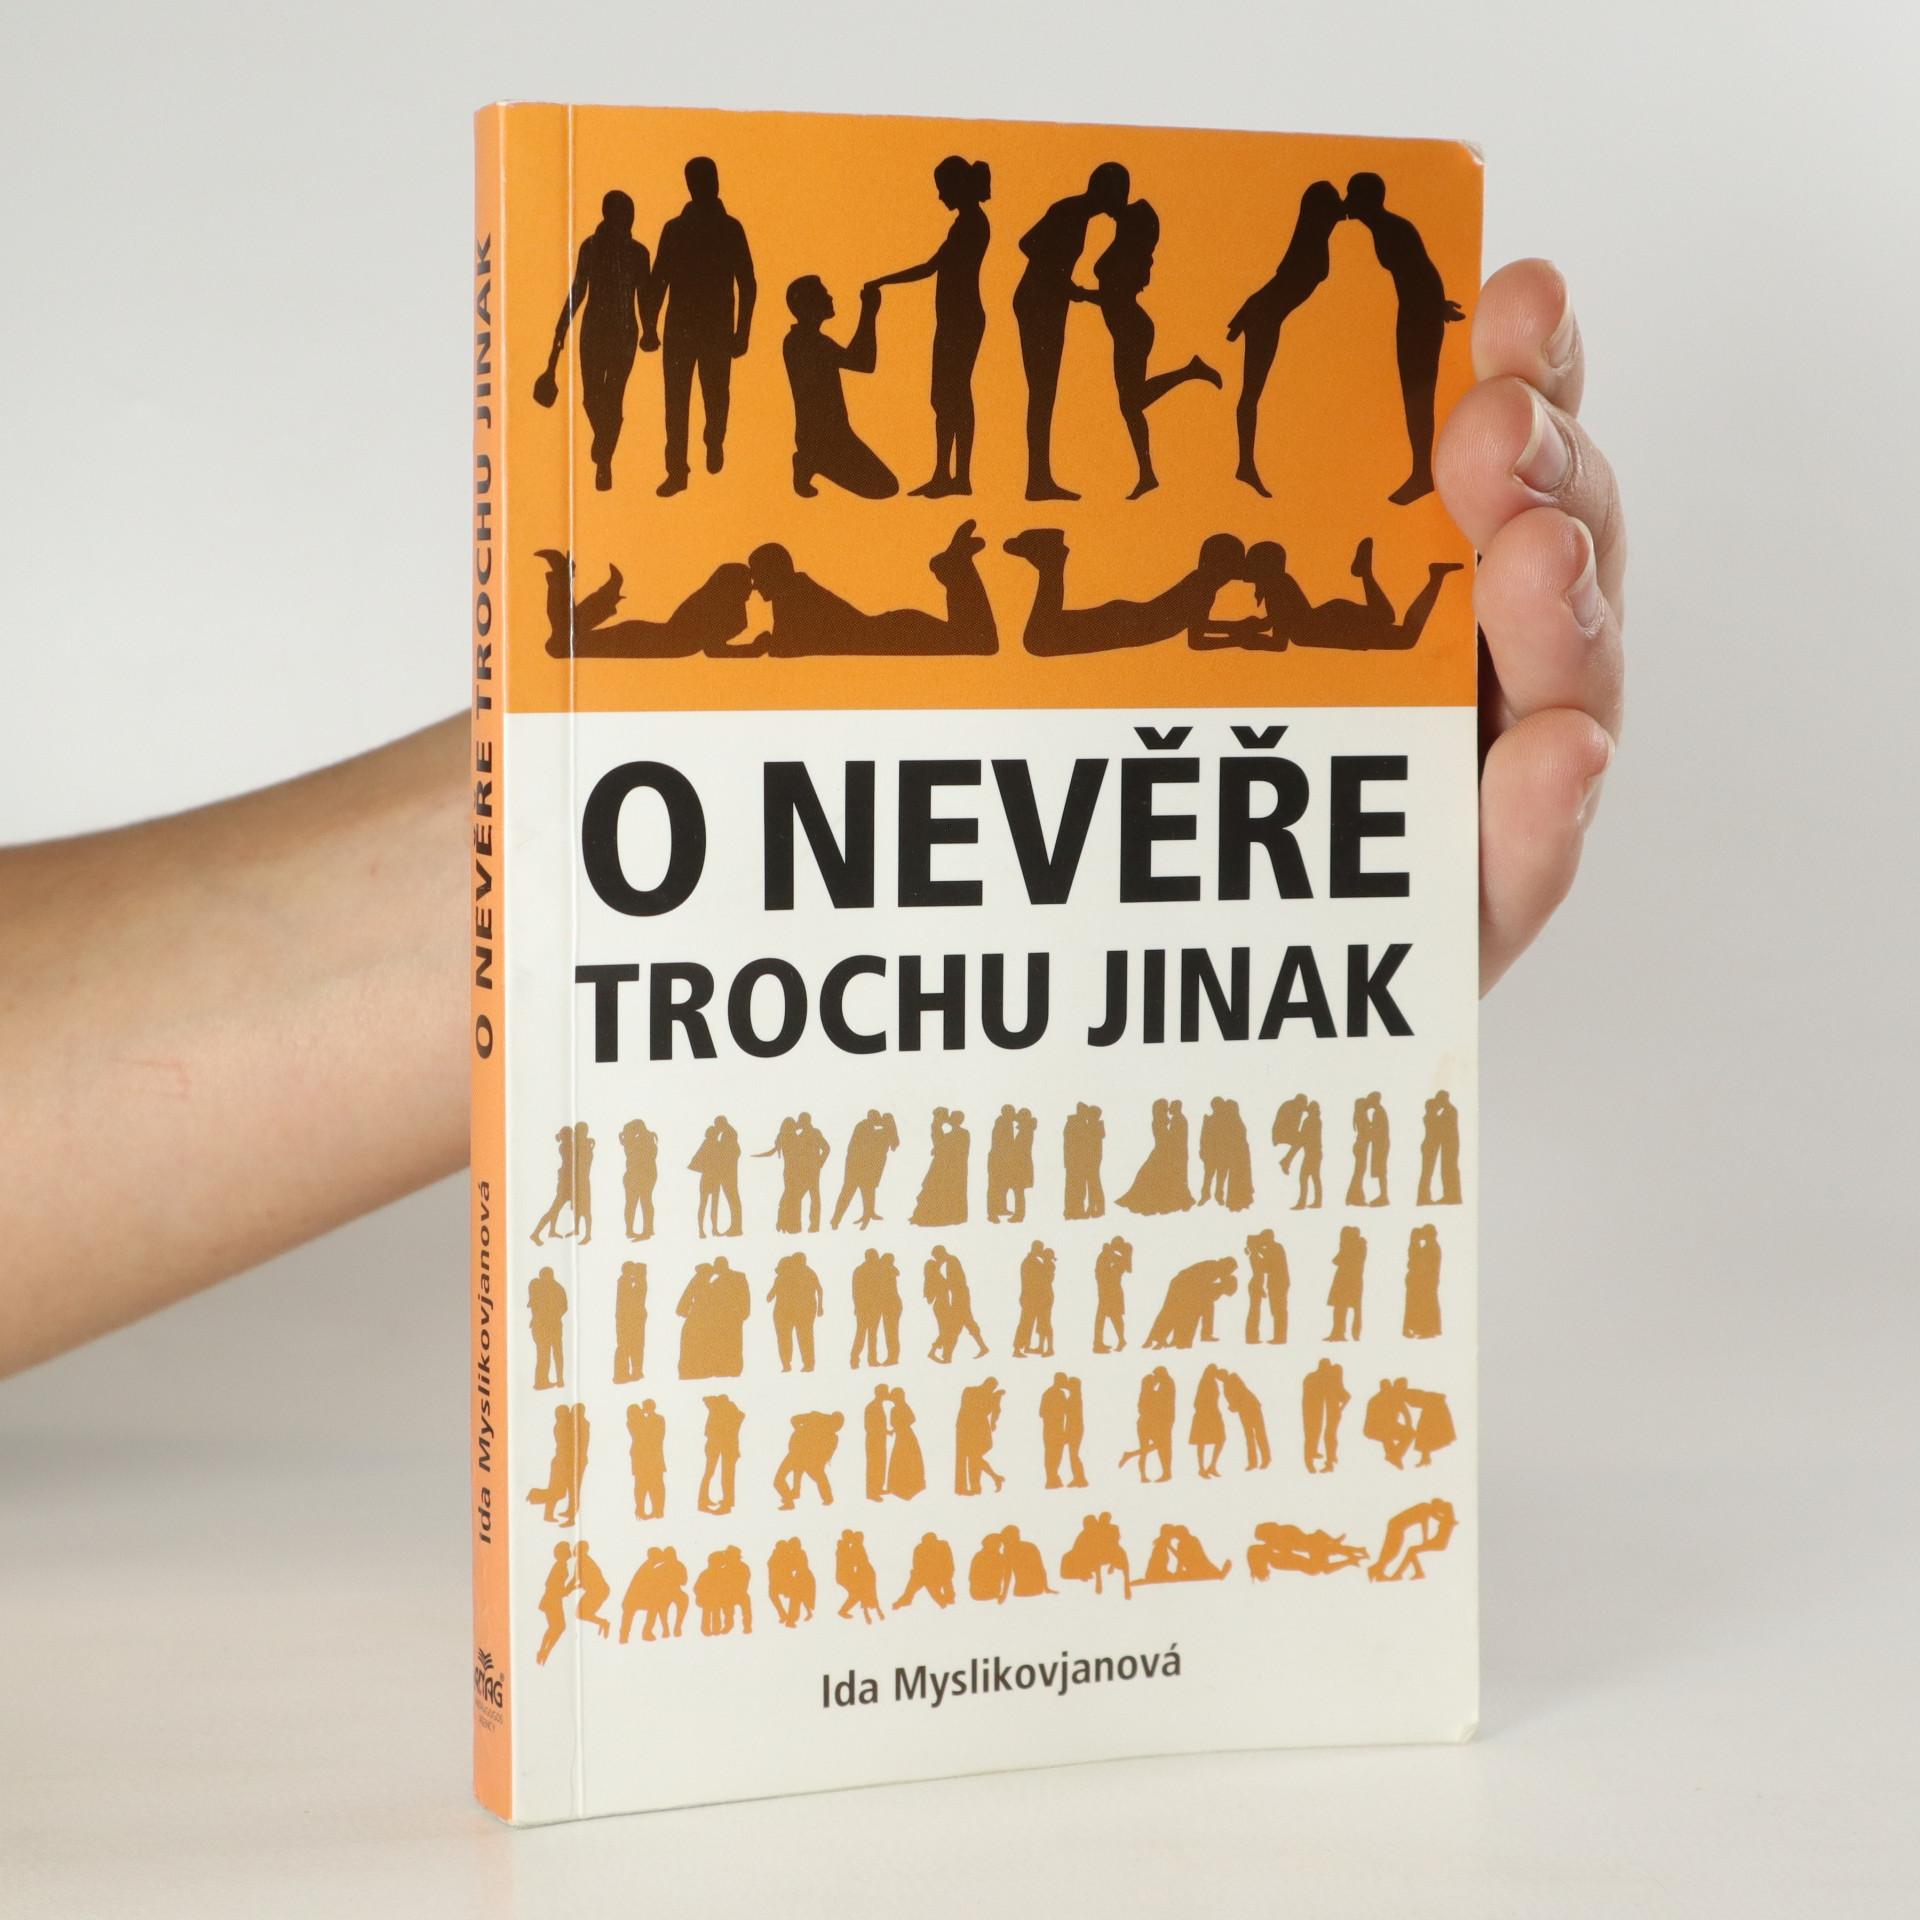 antikvární kniha O nevěře trochu jinak, 2011